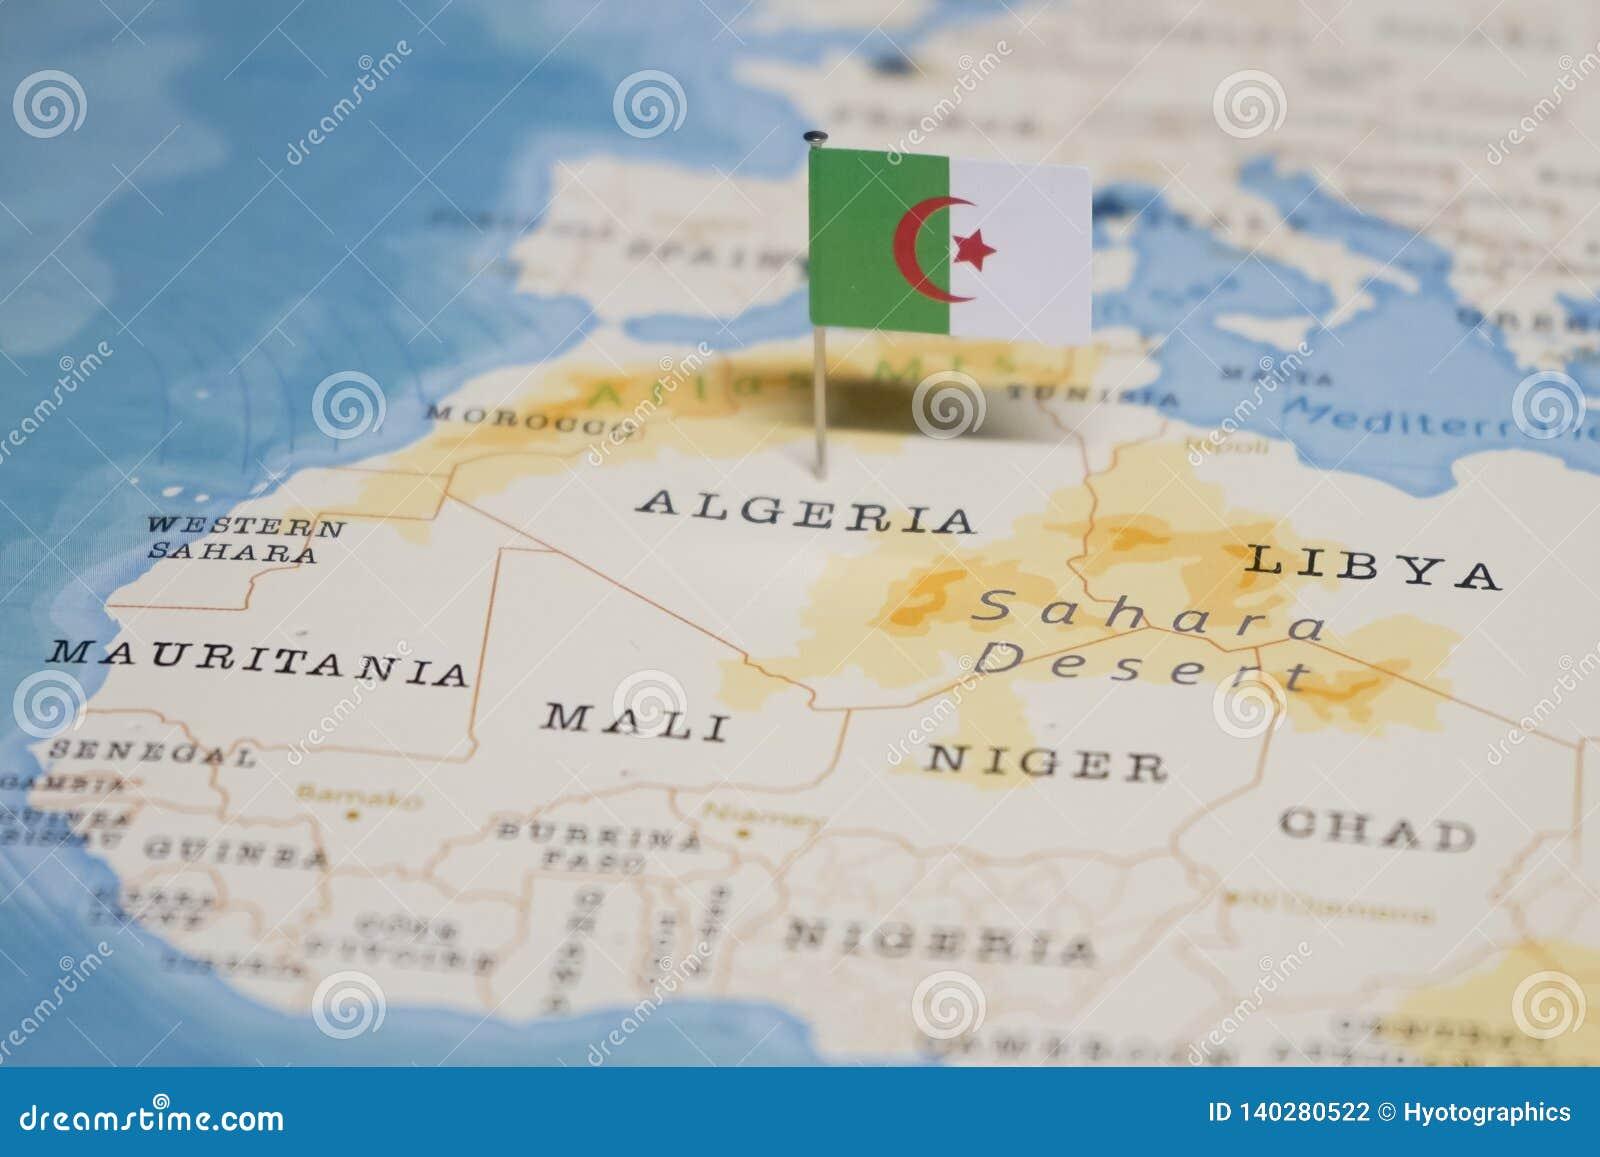 Algerie Carte Du Monde.Le Drapeau De L Algerie Dans La Carte Du Monde Photo Stock